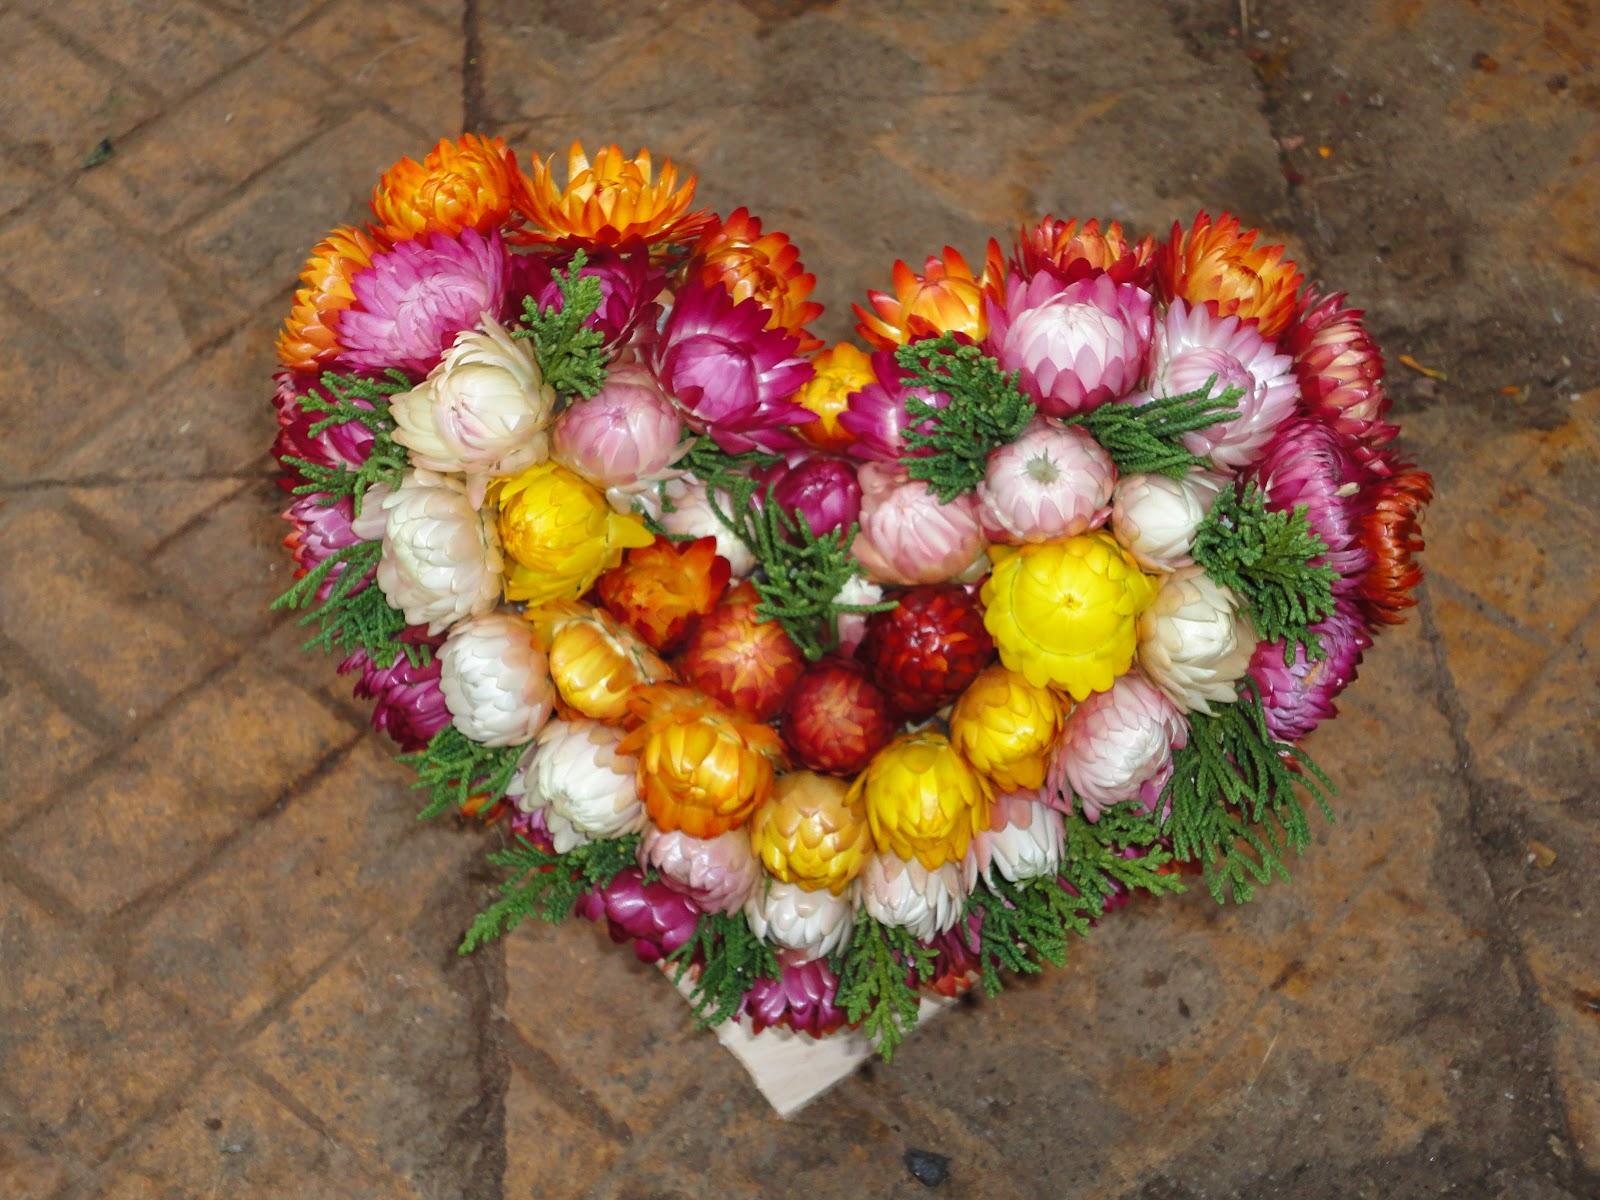 Hoa bất tử kết lại thành một hình trái tim cực đẹp